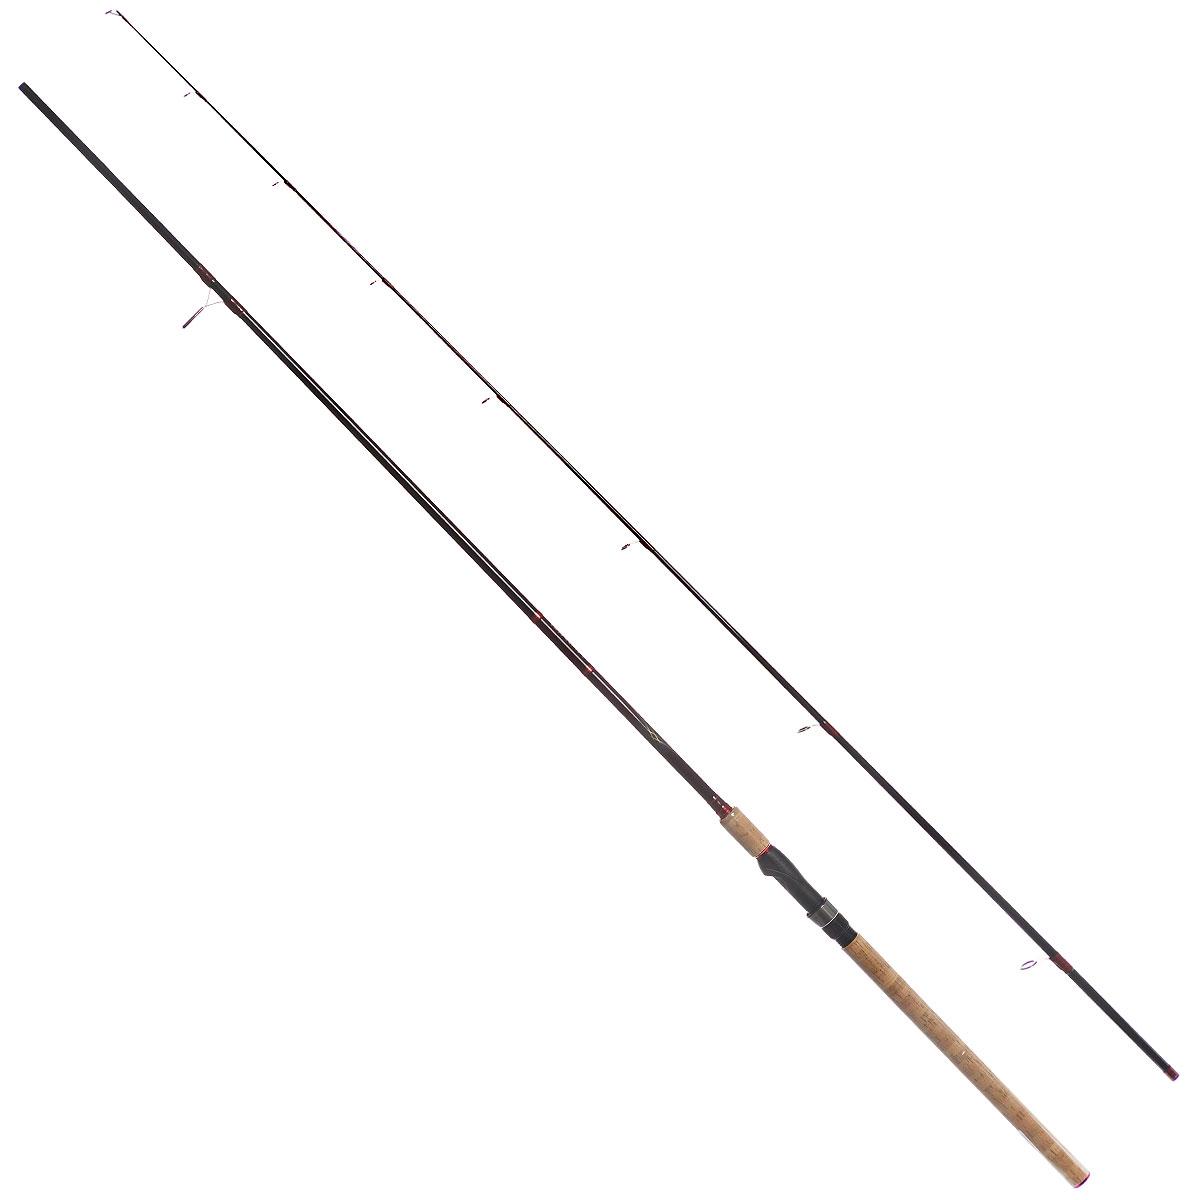 Удилище спиннинговое Daiwa Vulcan-AR, штекерное, цвет: черный, 3,05 м, 10-40 г